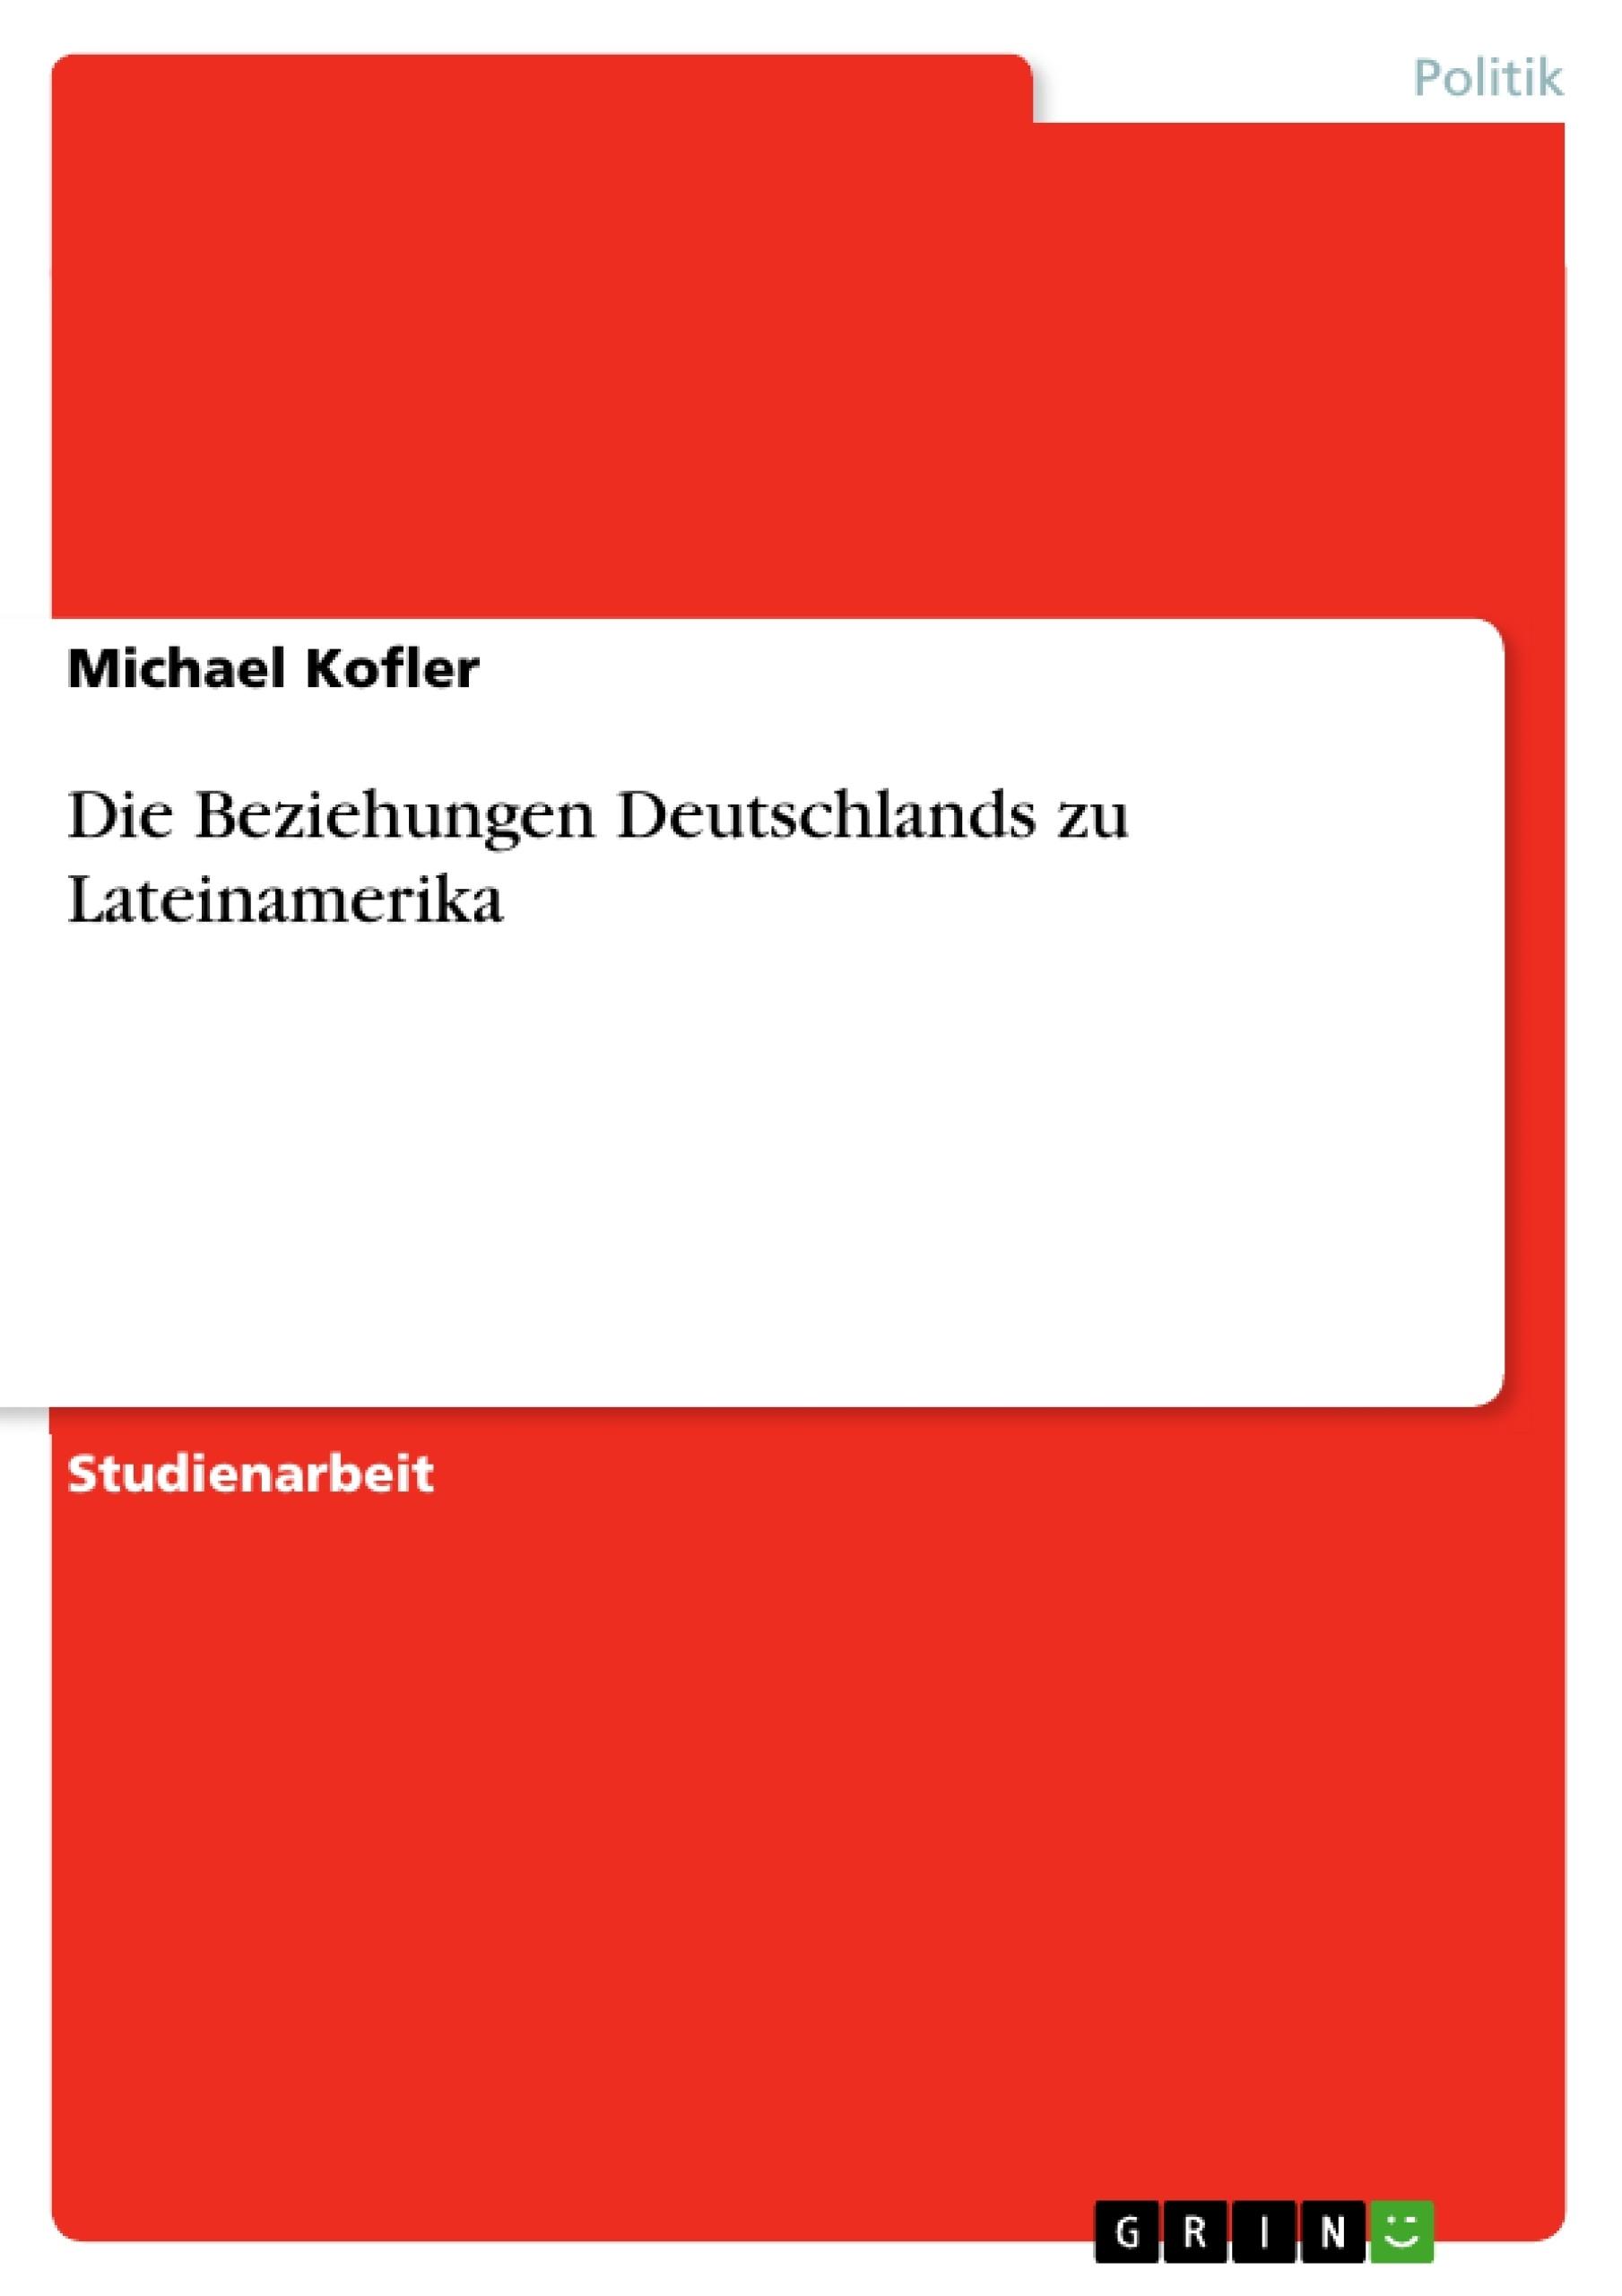 Titel: Die Beziehungen Deutschlands zu Lateinamerika